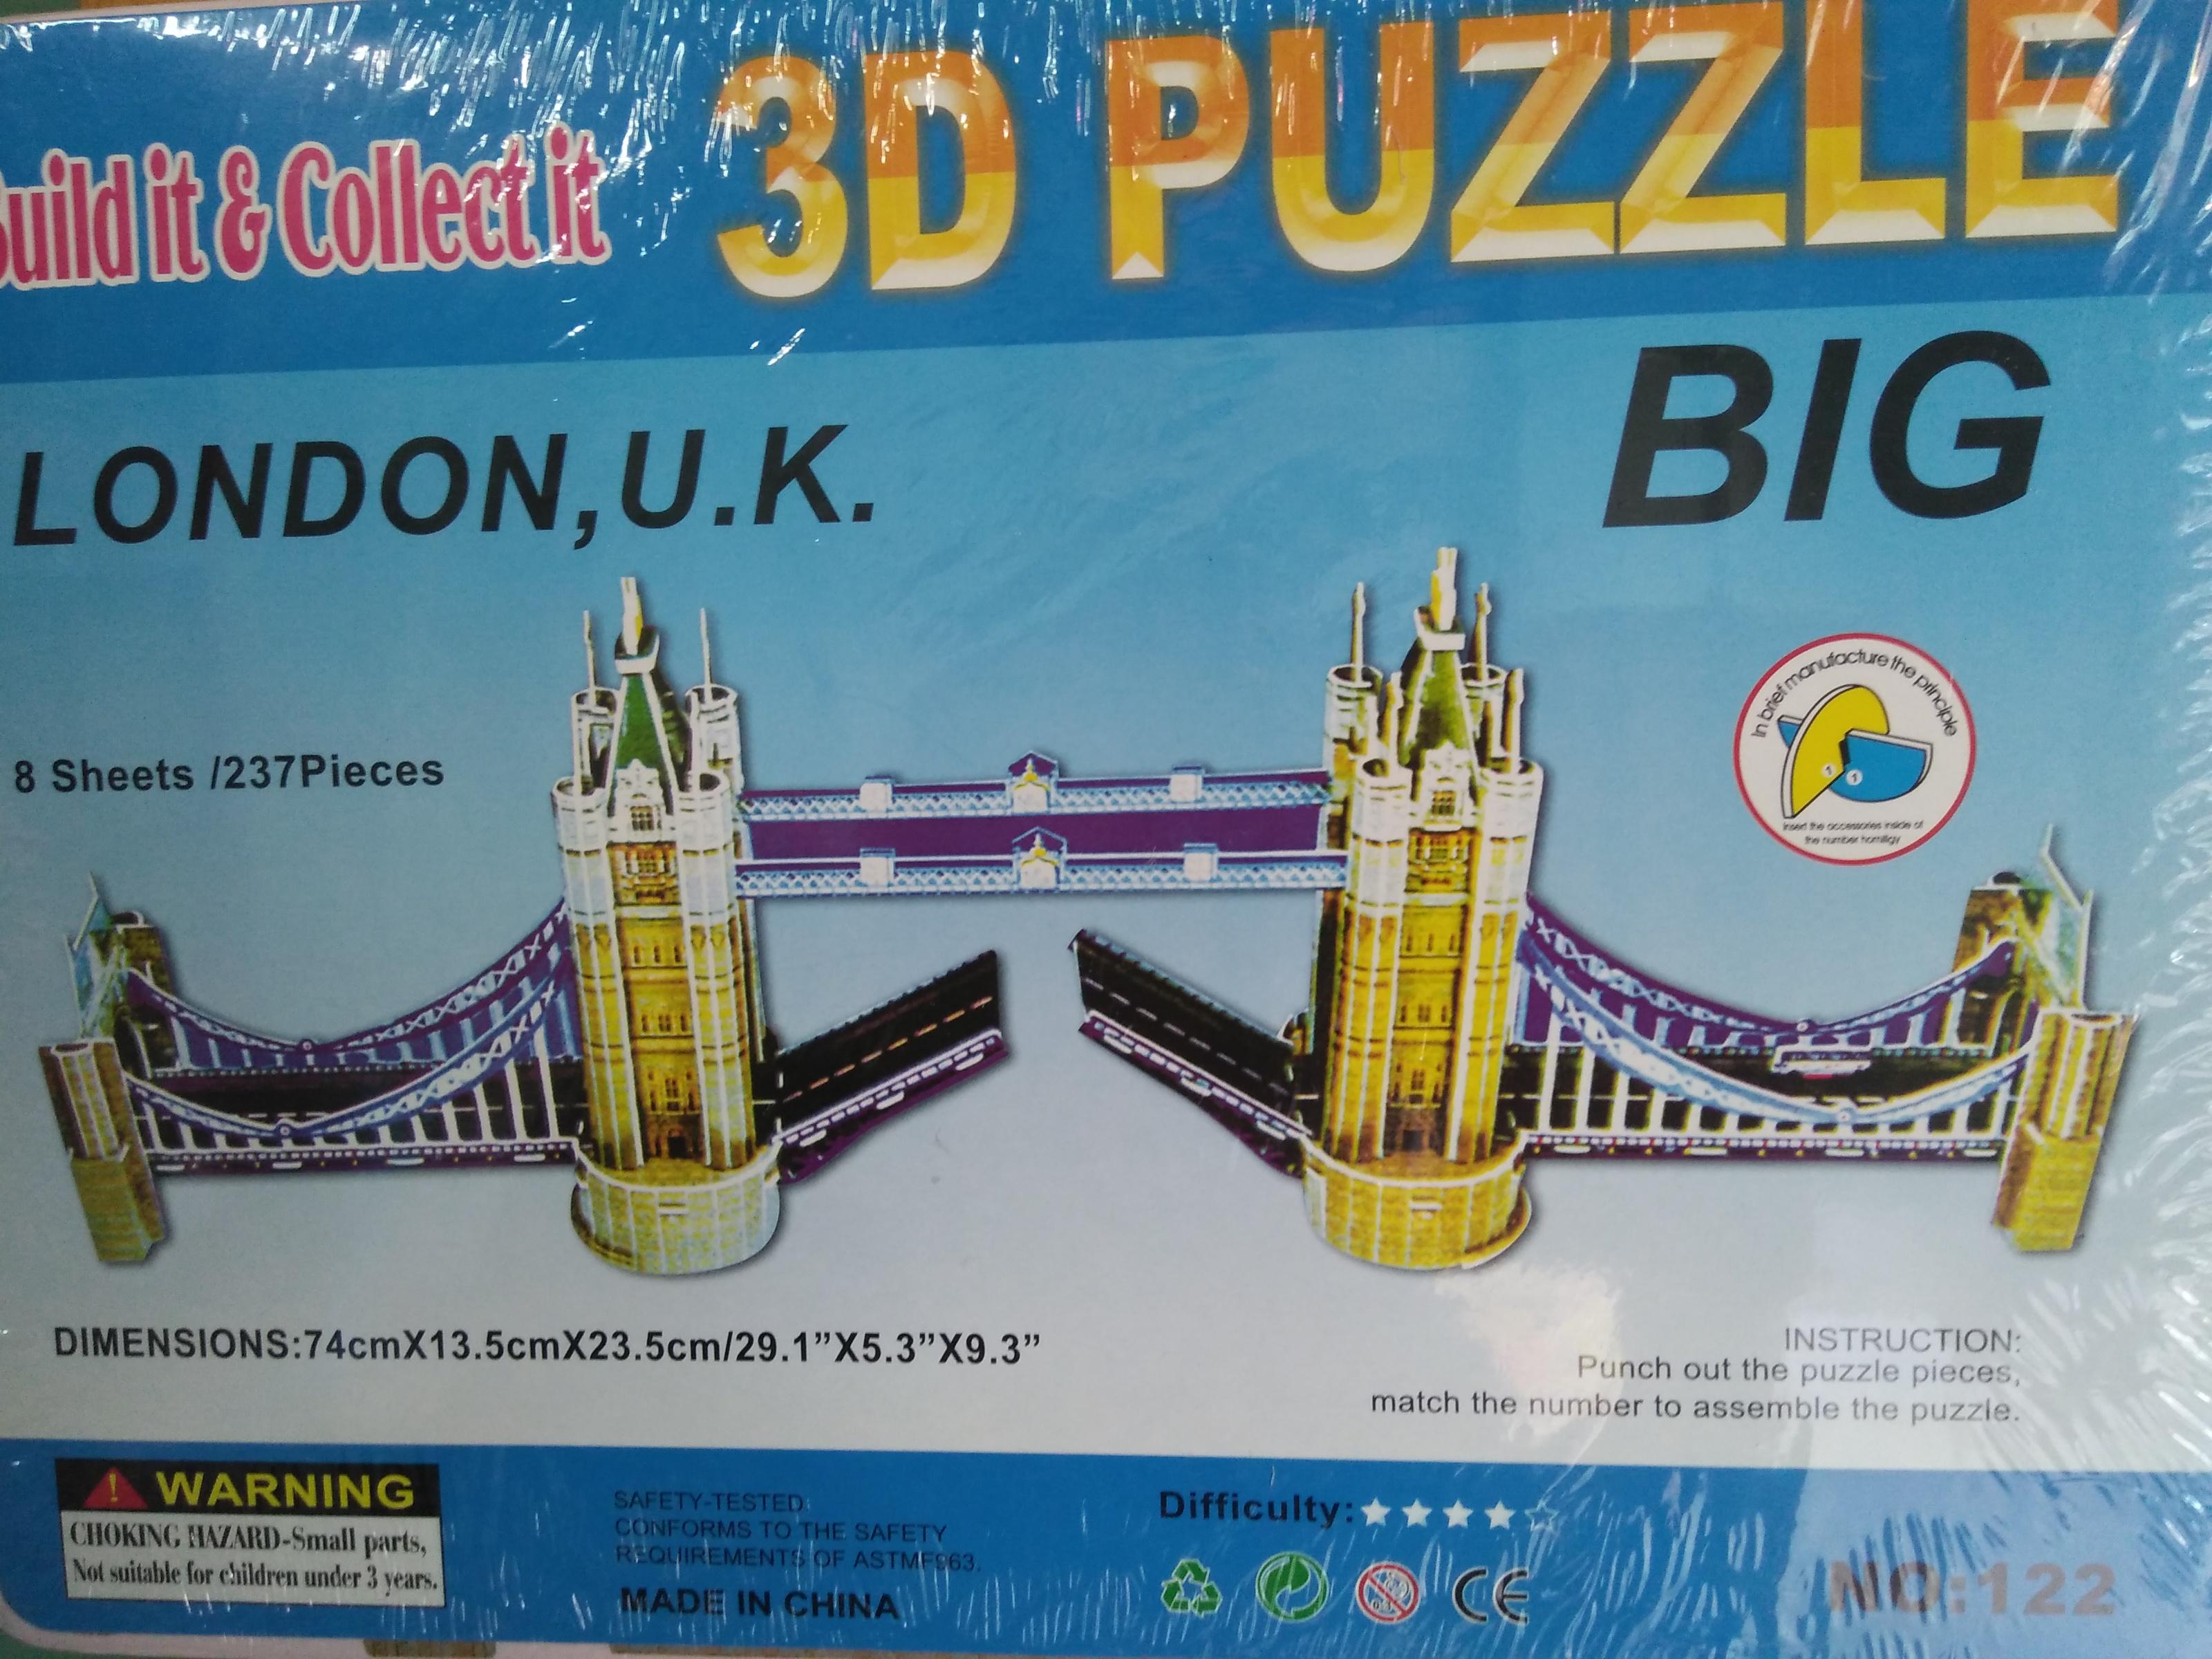 Big 3D Puzzle Dimensions